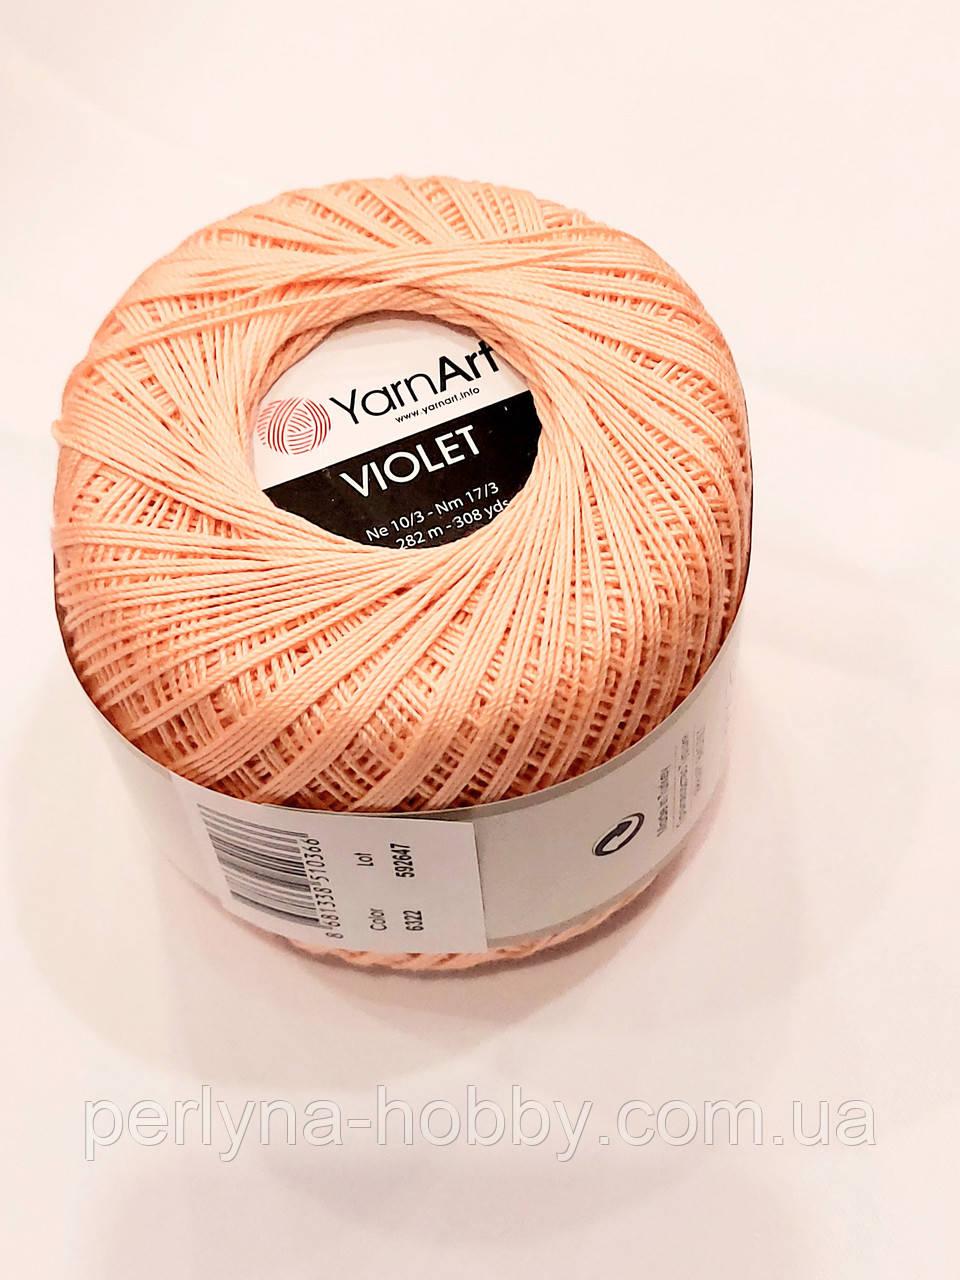 Пряжа  нитка для в'язання Violet YarnArt 100% бавовна абрикосовий № 6322